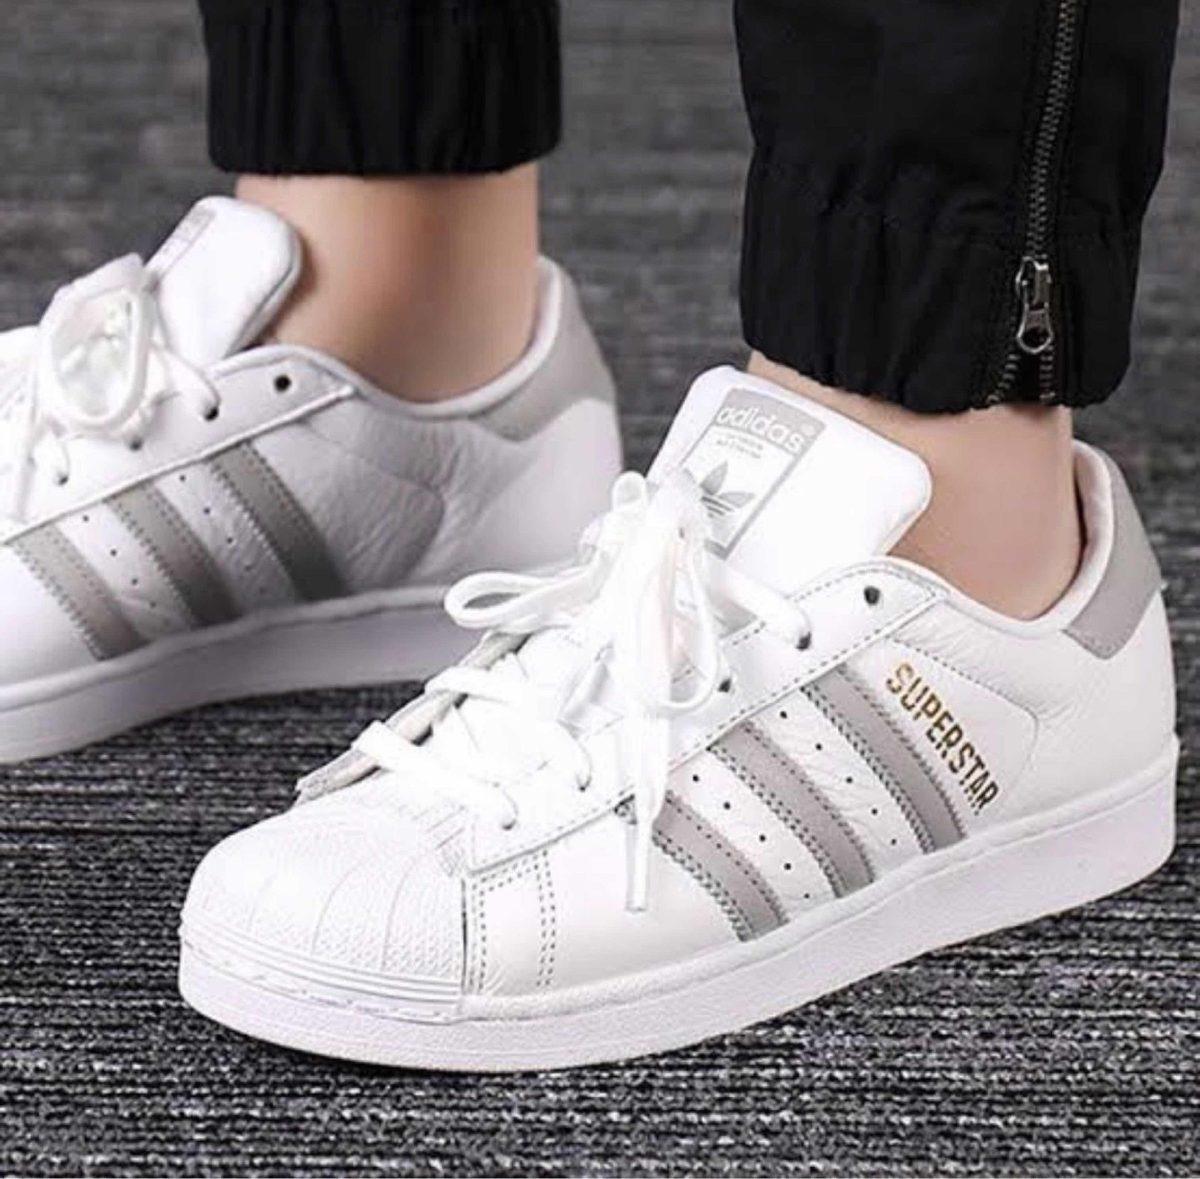 Detalles de Hombre Adidas Superstar AQ6686 Zapatillas Blancas